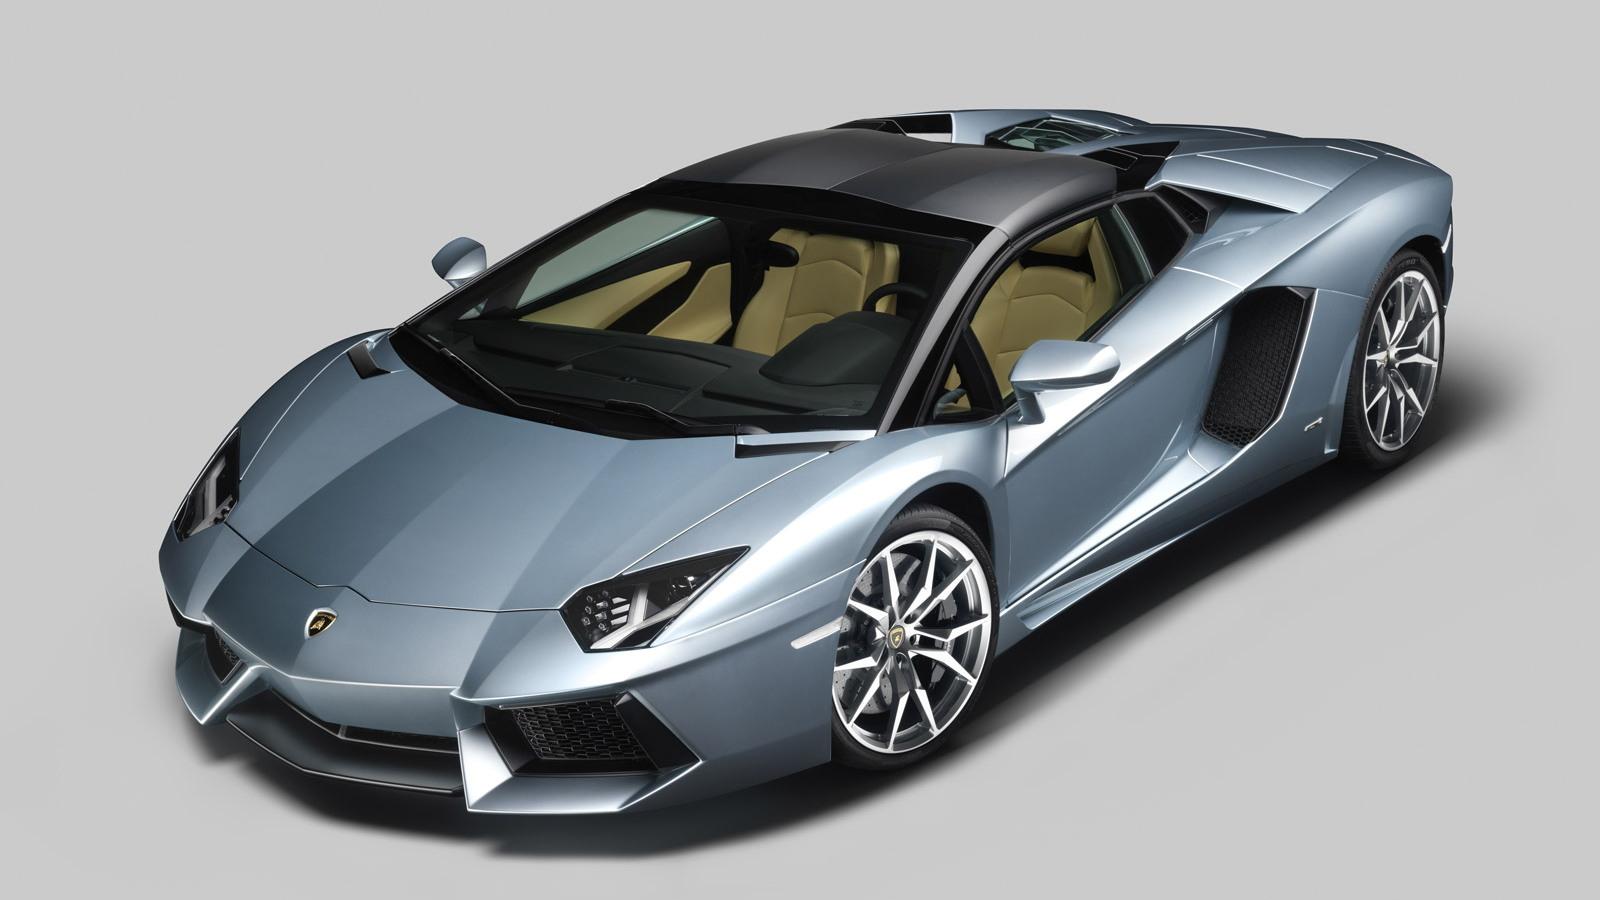 Lamborghini Aventador Lp 700 4 Roadster Makes Debut